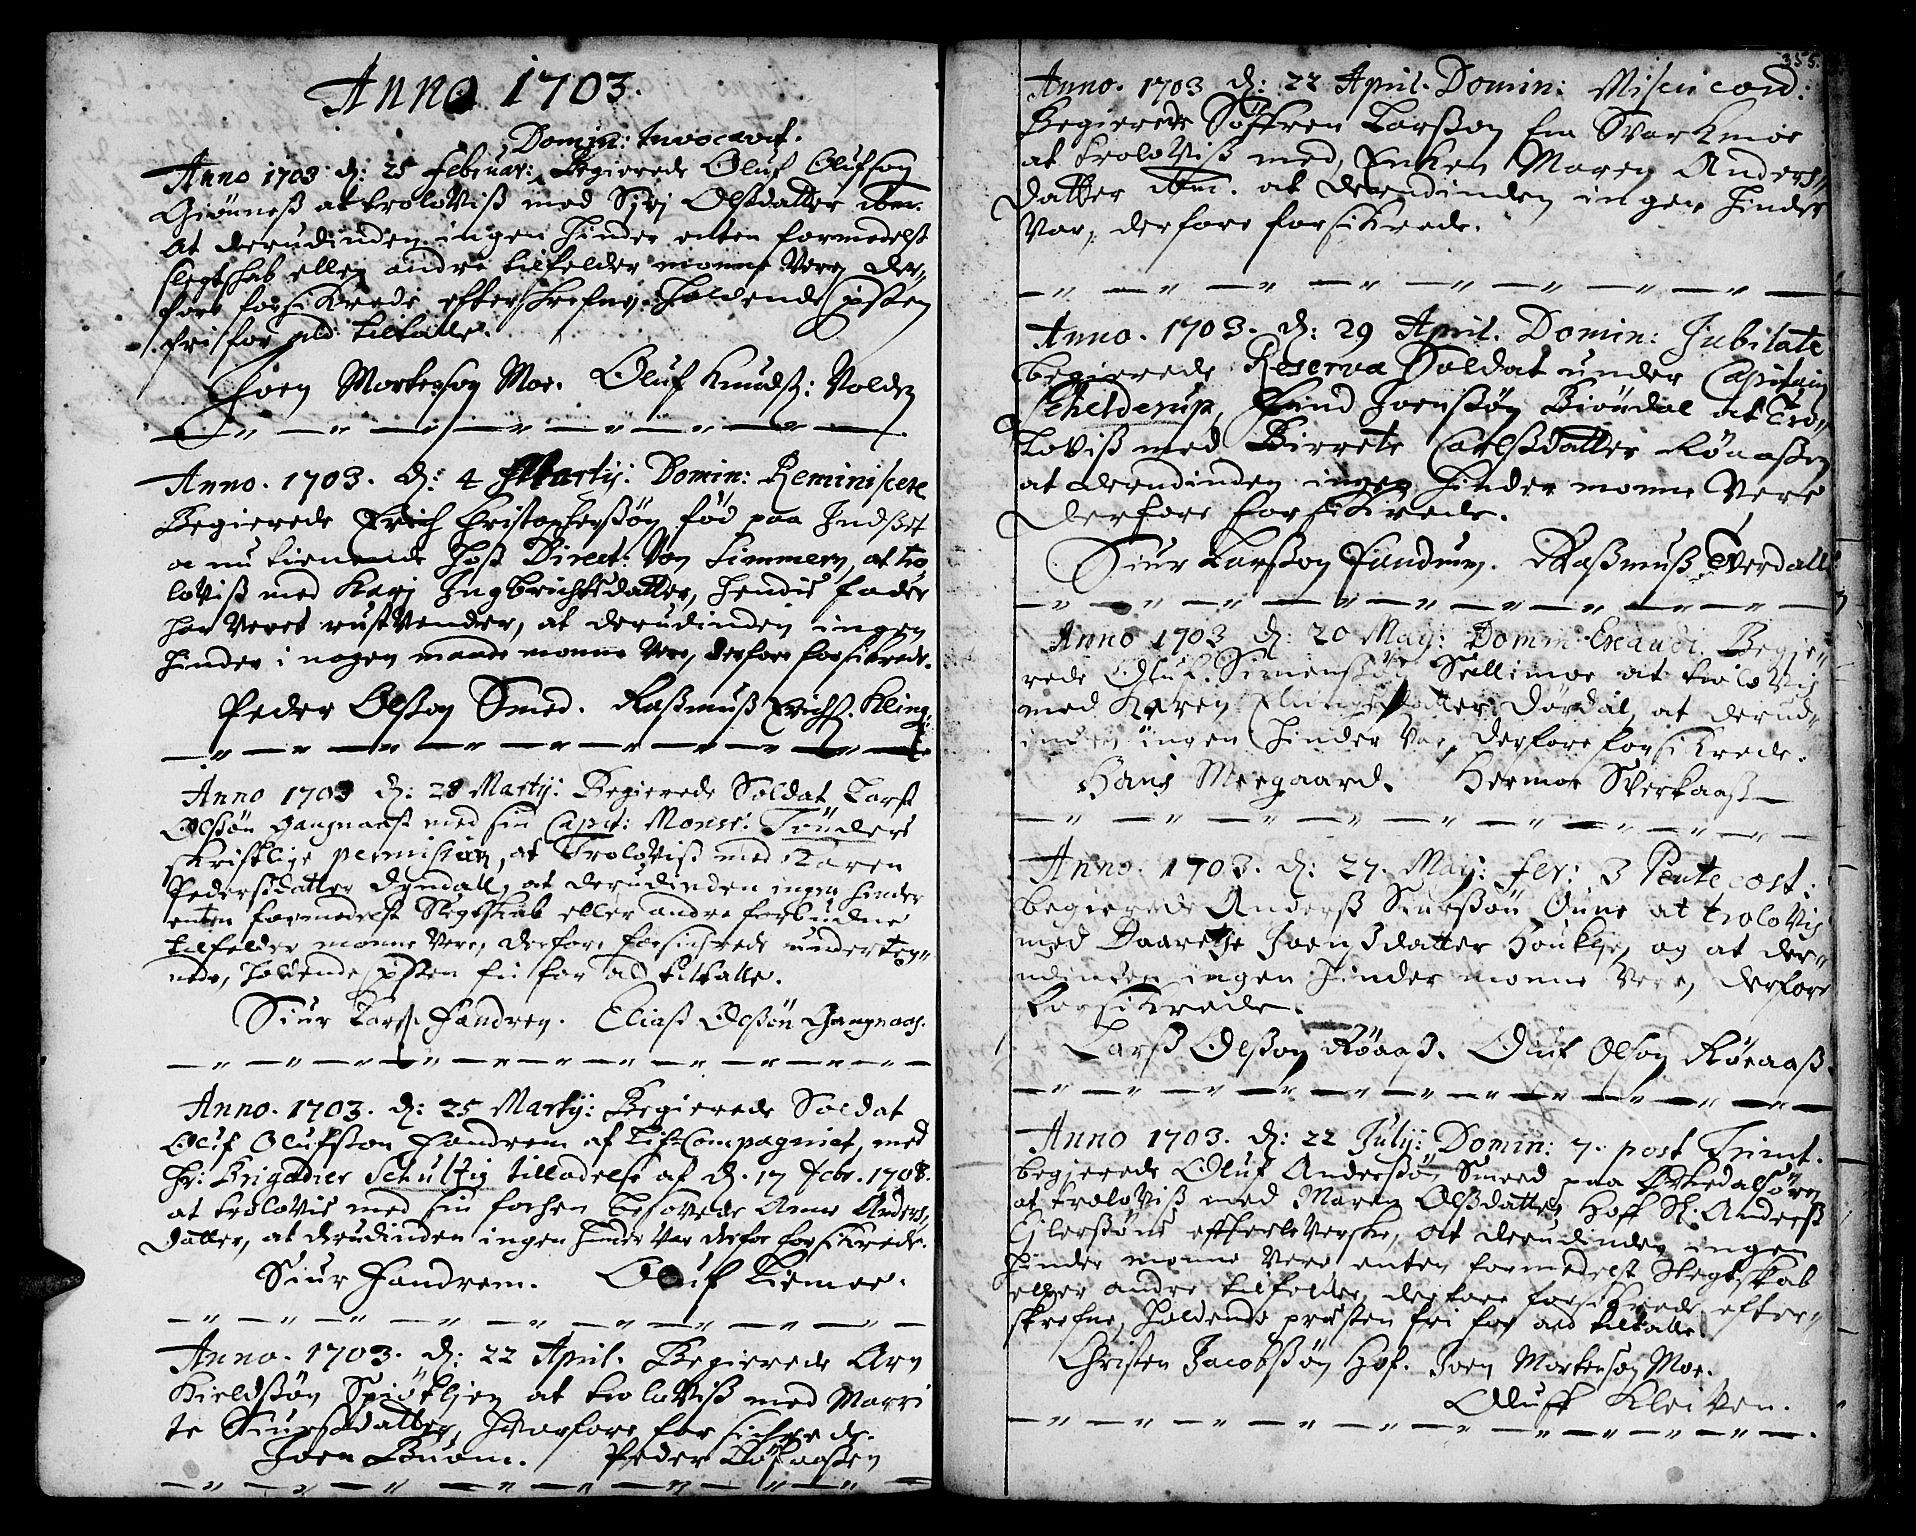 SAT, Ministerialprotokoller, klokkerbøker og fødselsregistre - Sør-Trøndelag, 668/L0801: Ministerialbok nr. 668A01, 1695-1716, s. 354-355